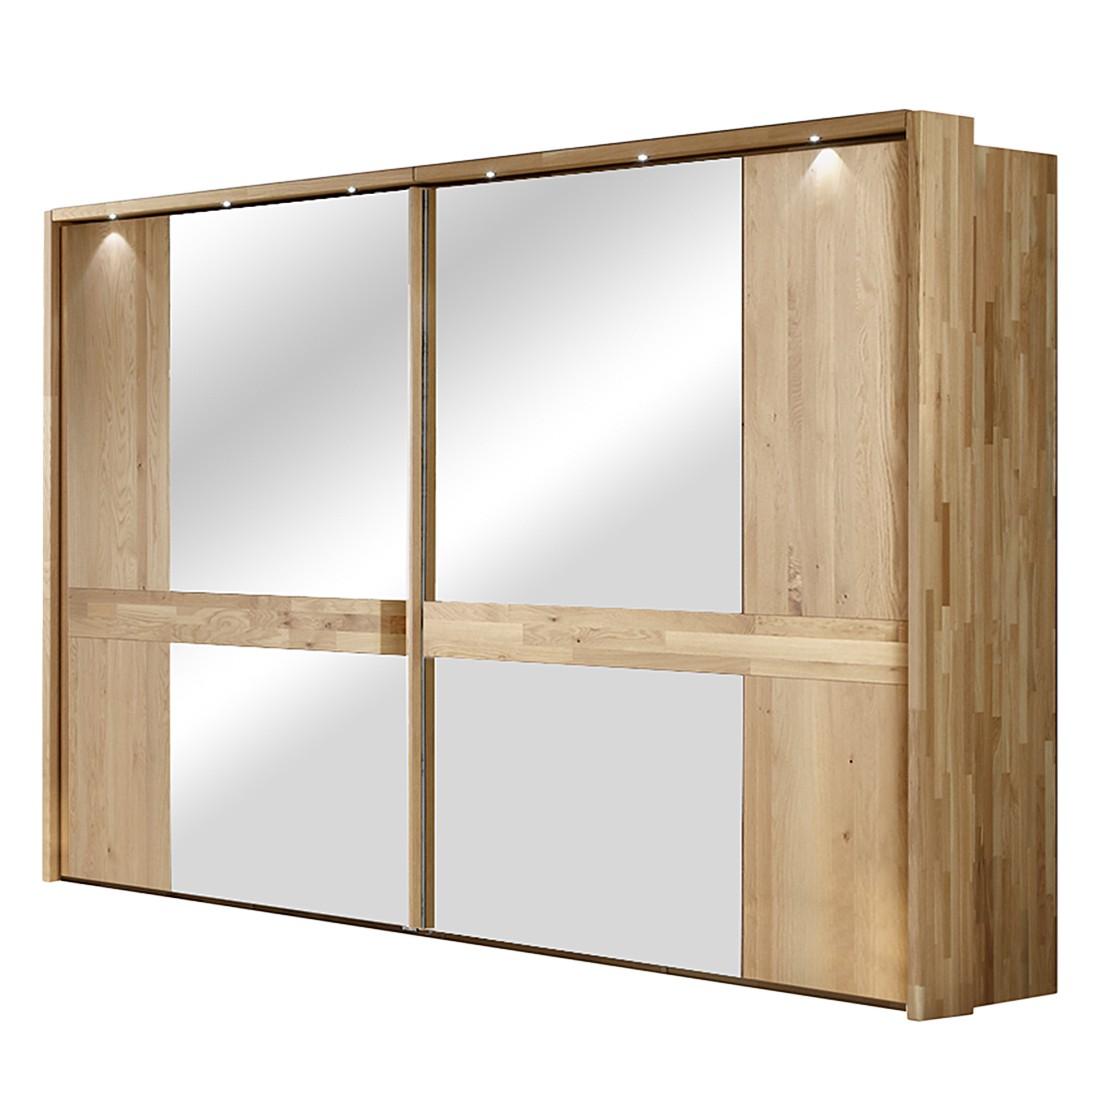 Schwebetürenschrank Operra - Eiche Massivholz - Mit Spiegel (Ausführung: 300 cm - mit Passepartoutrahmen & Beleuchtung)